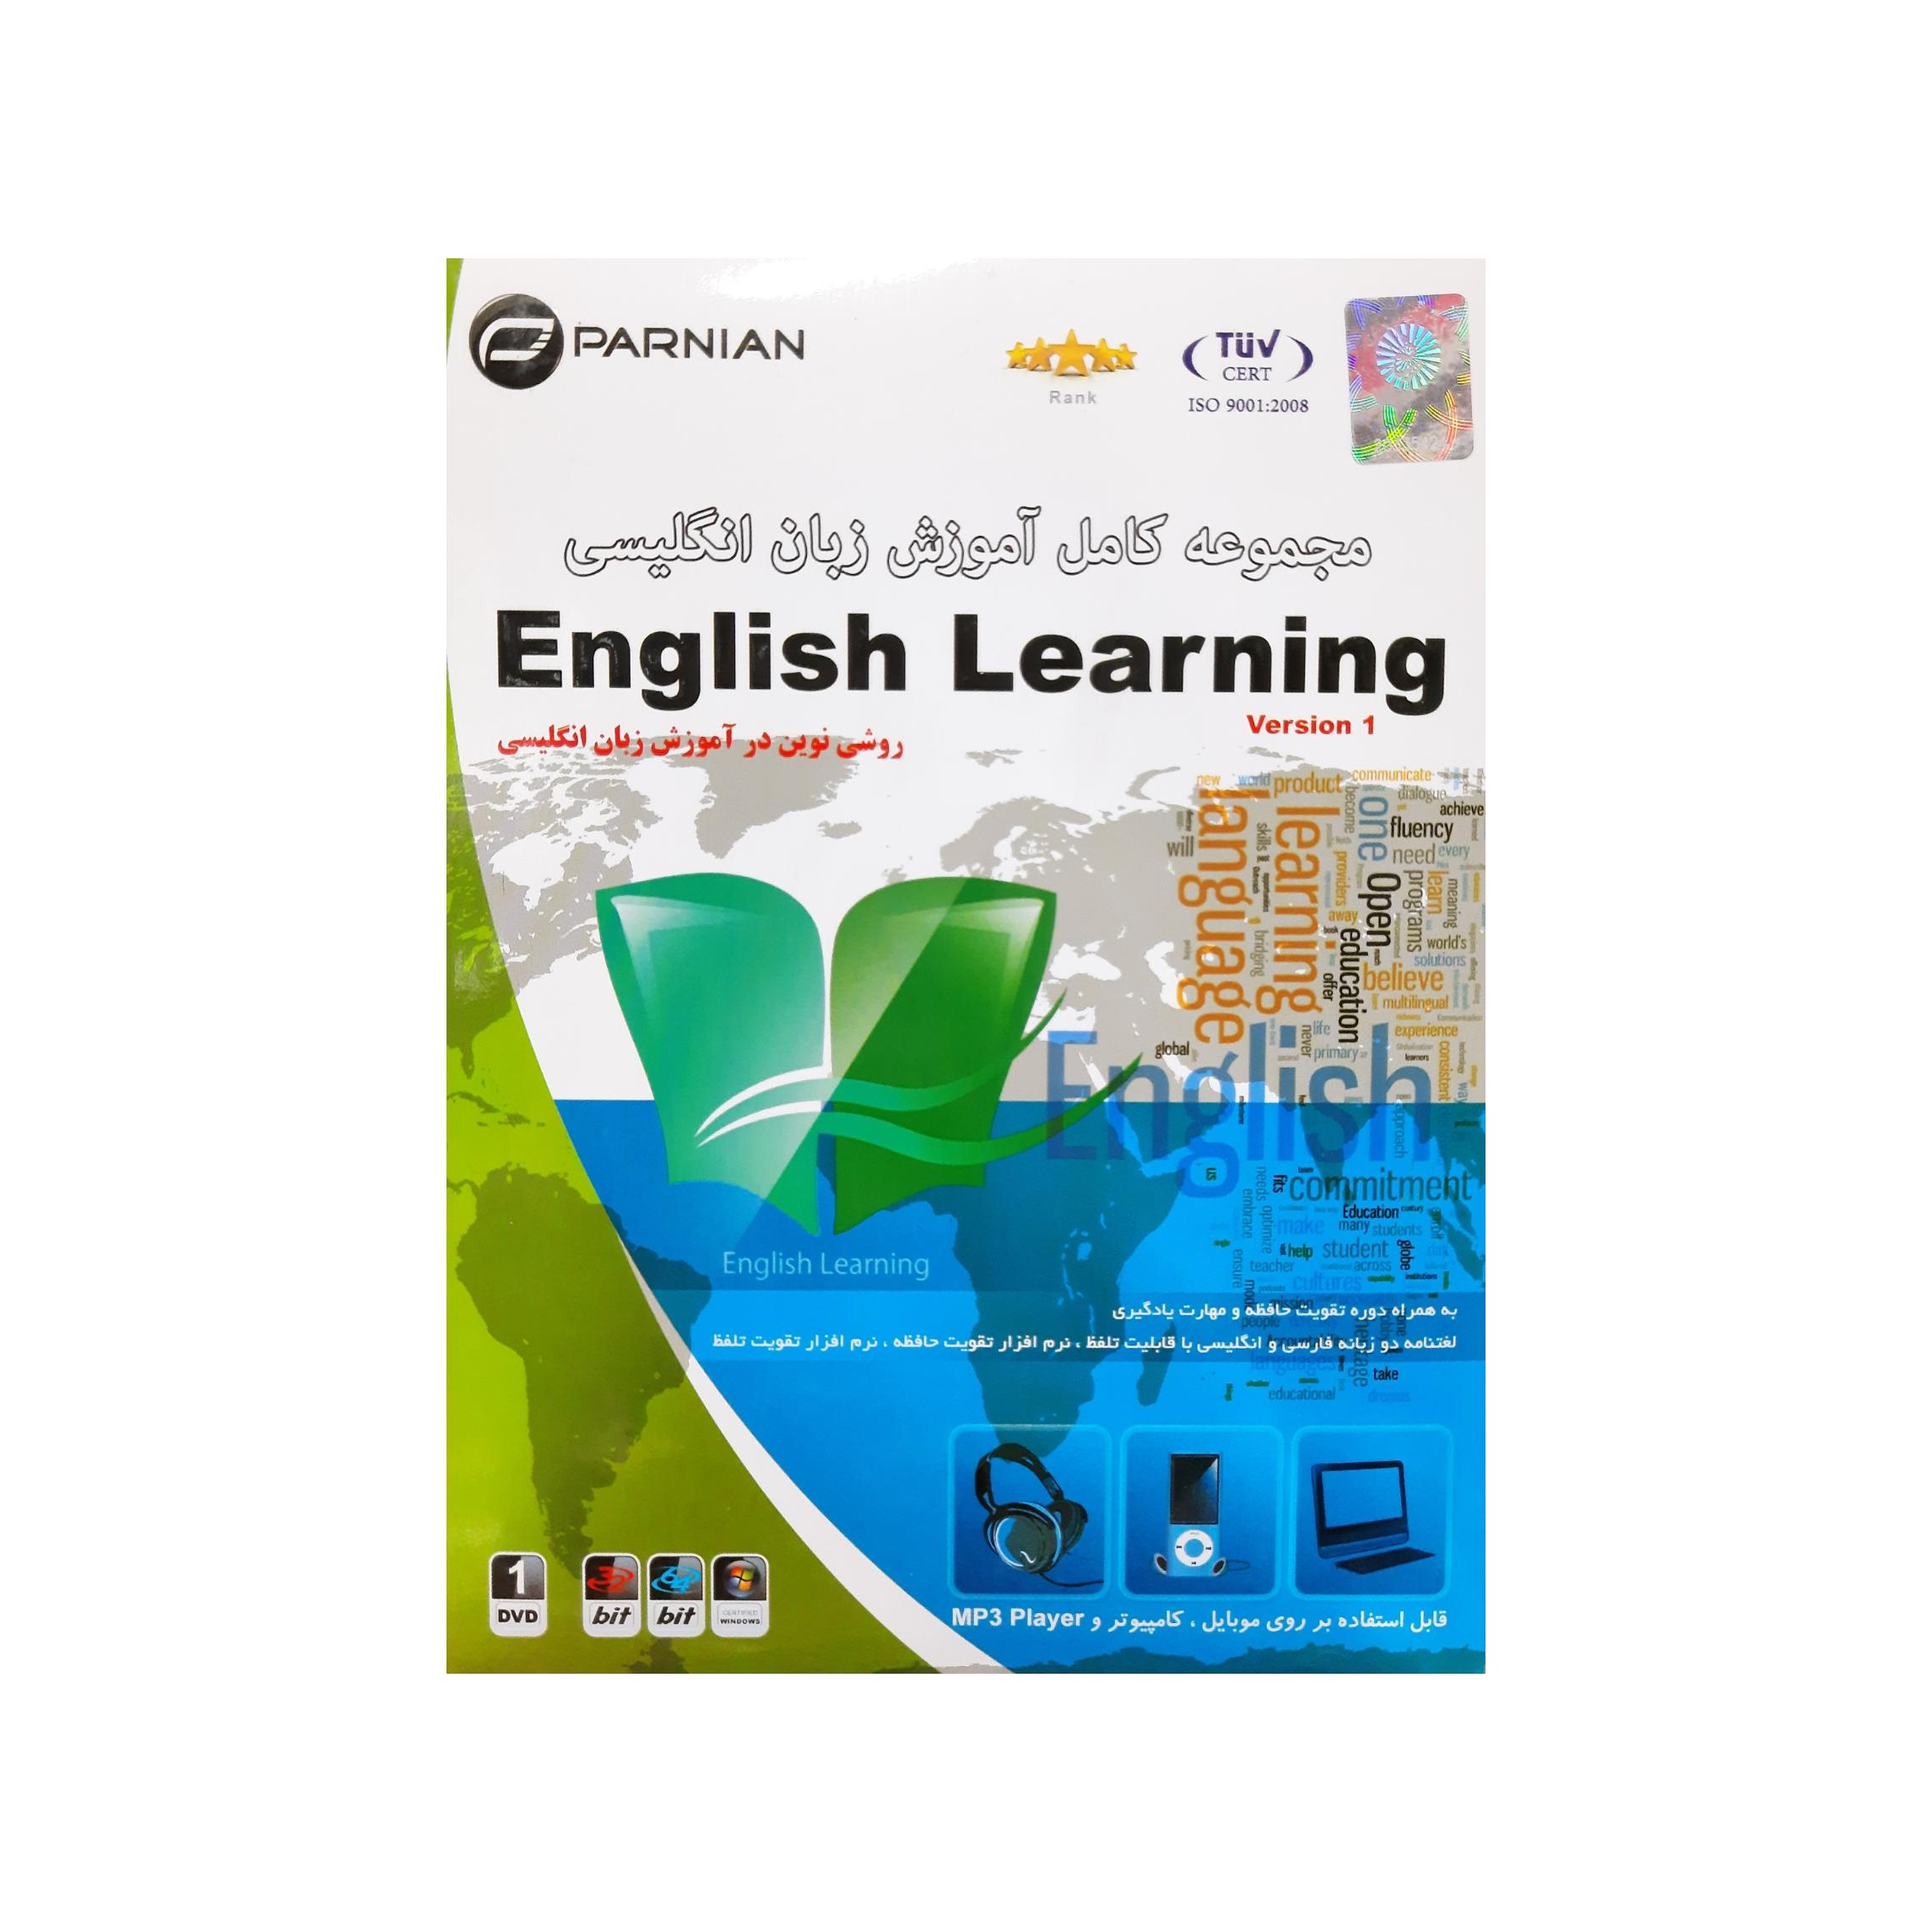 آموزش زبان انگلیسی در ۹۰ روز نشر پرنیان